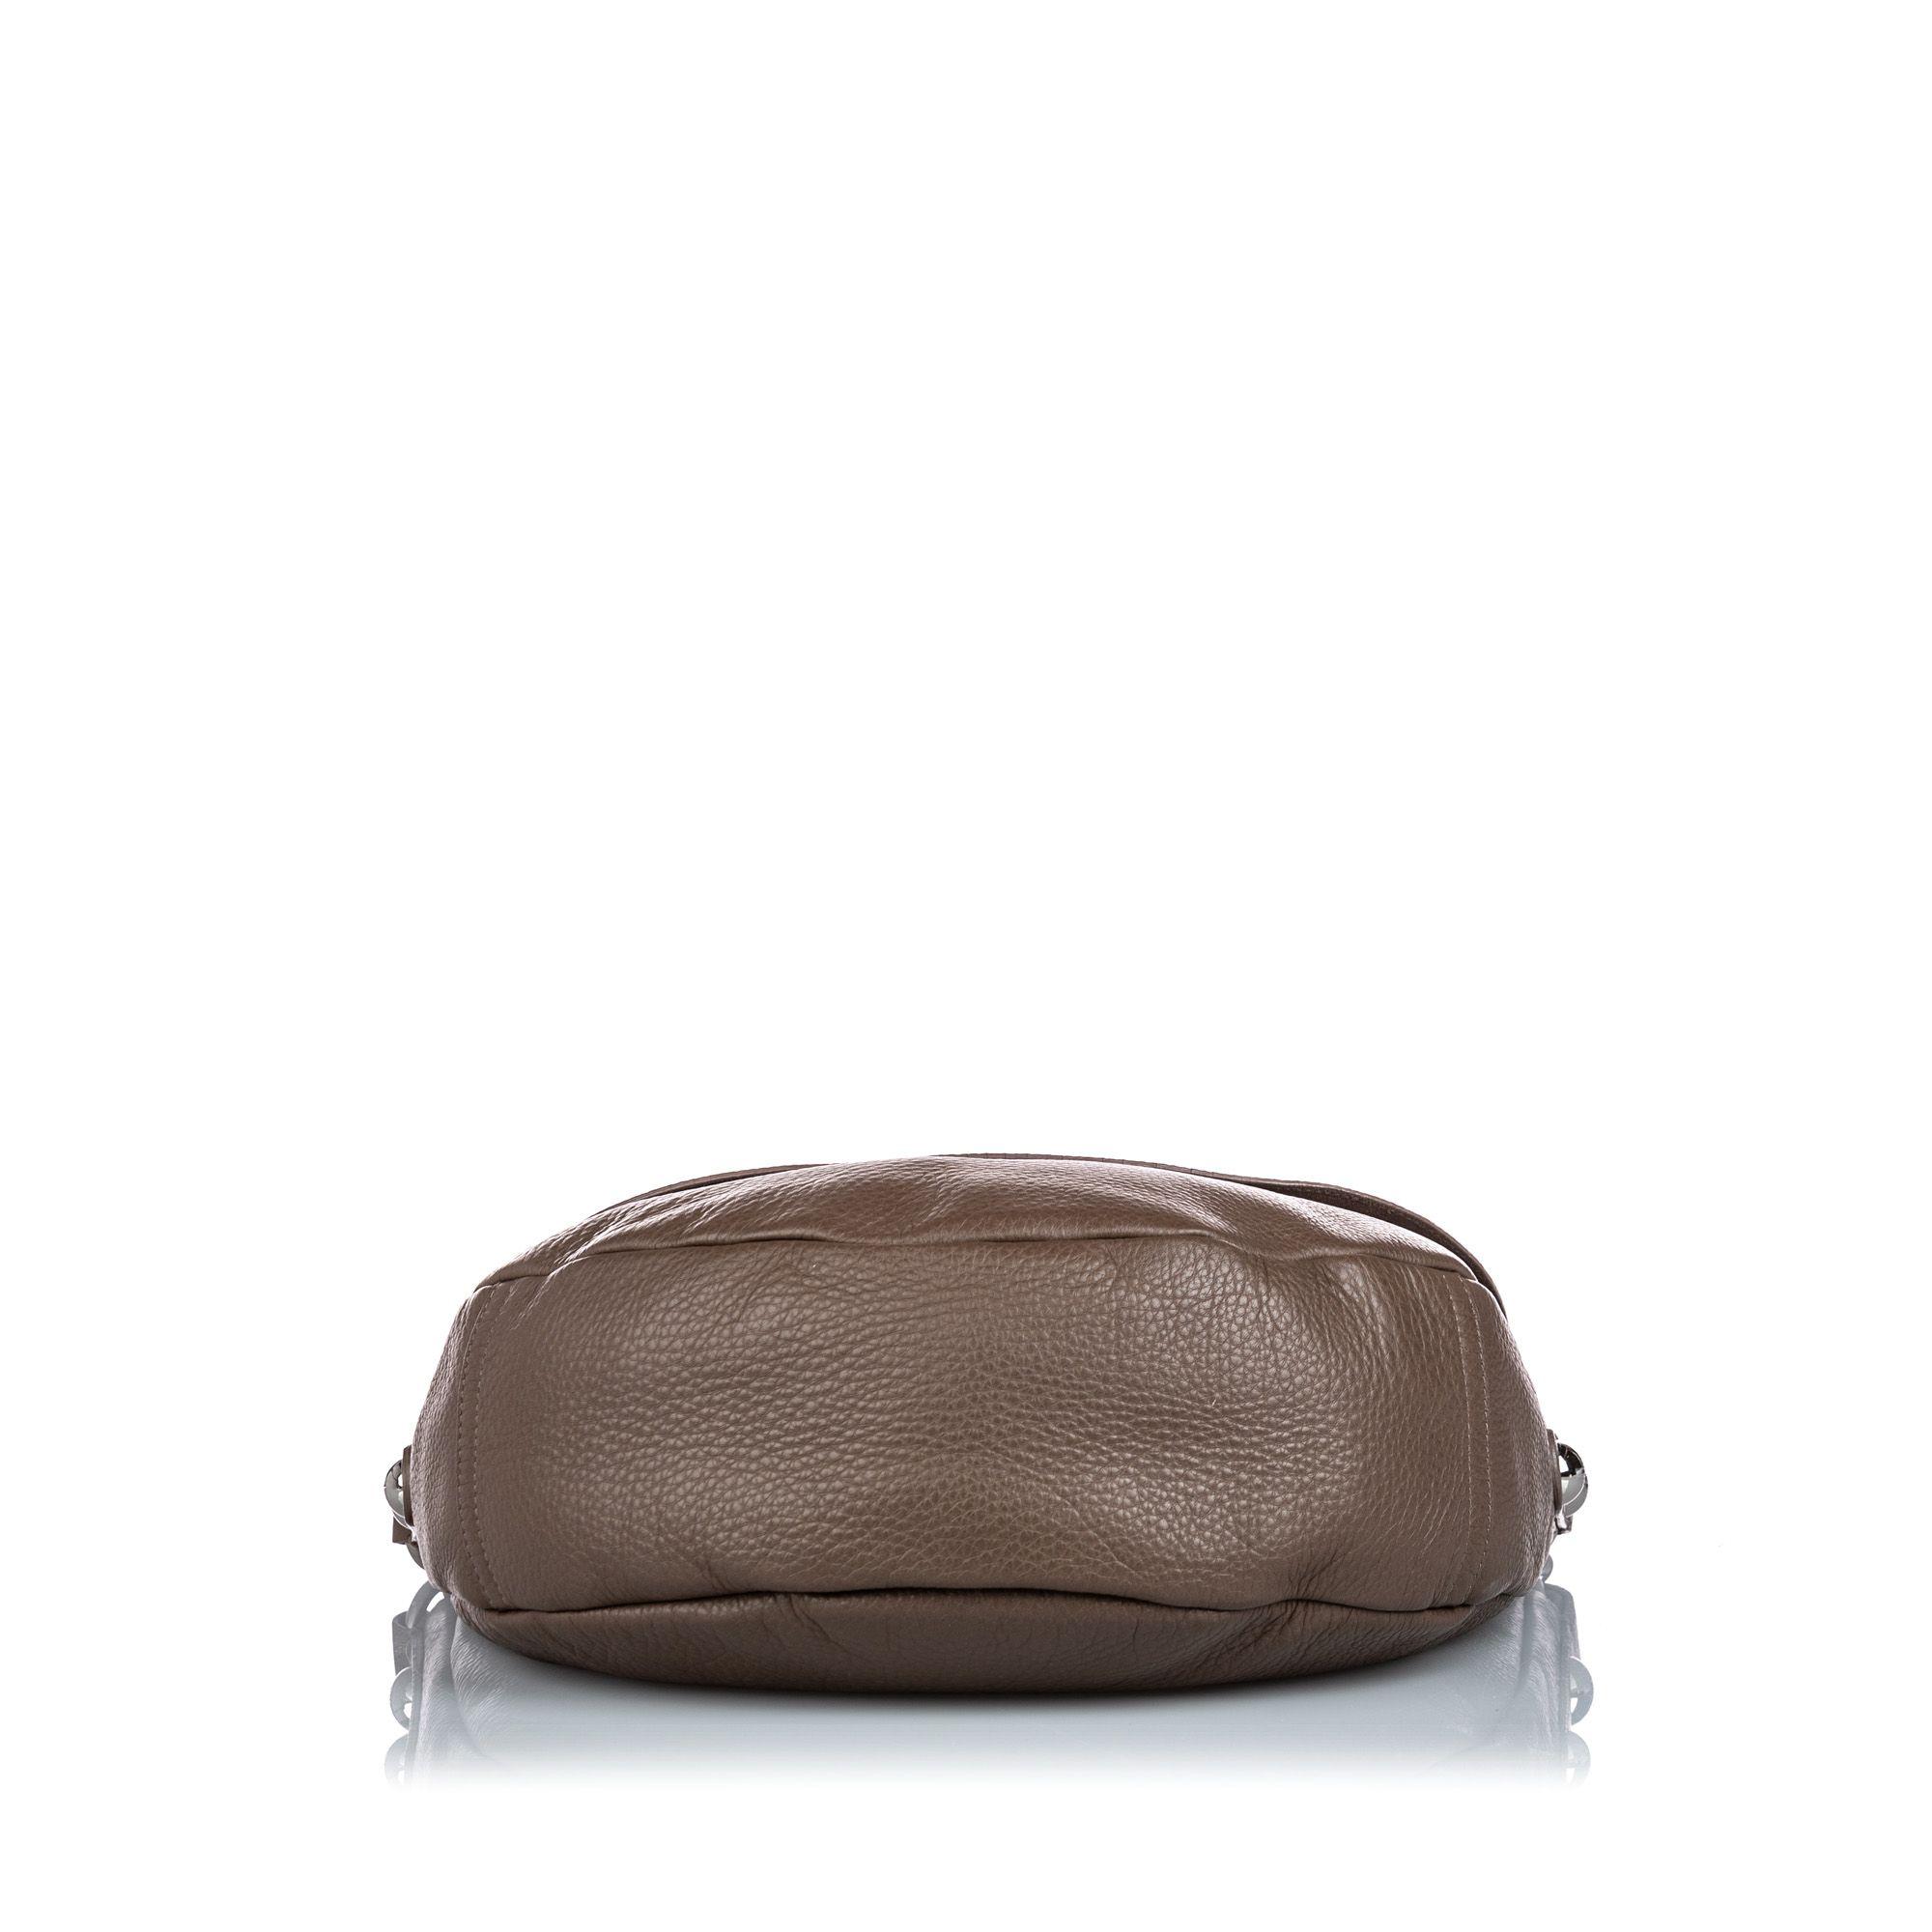 Vintage Mulberry Leather Daria Shoulder Bag Brown